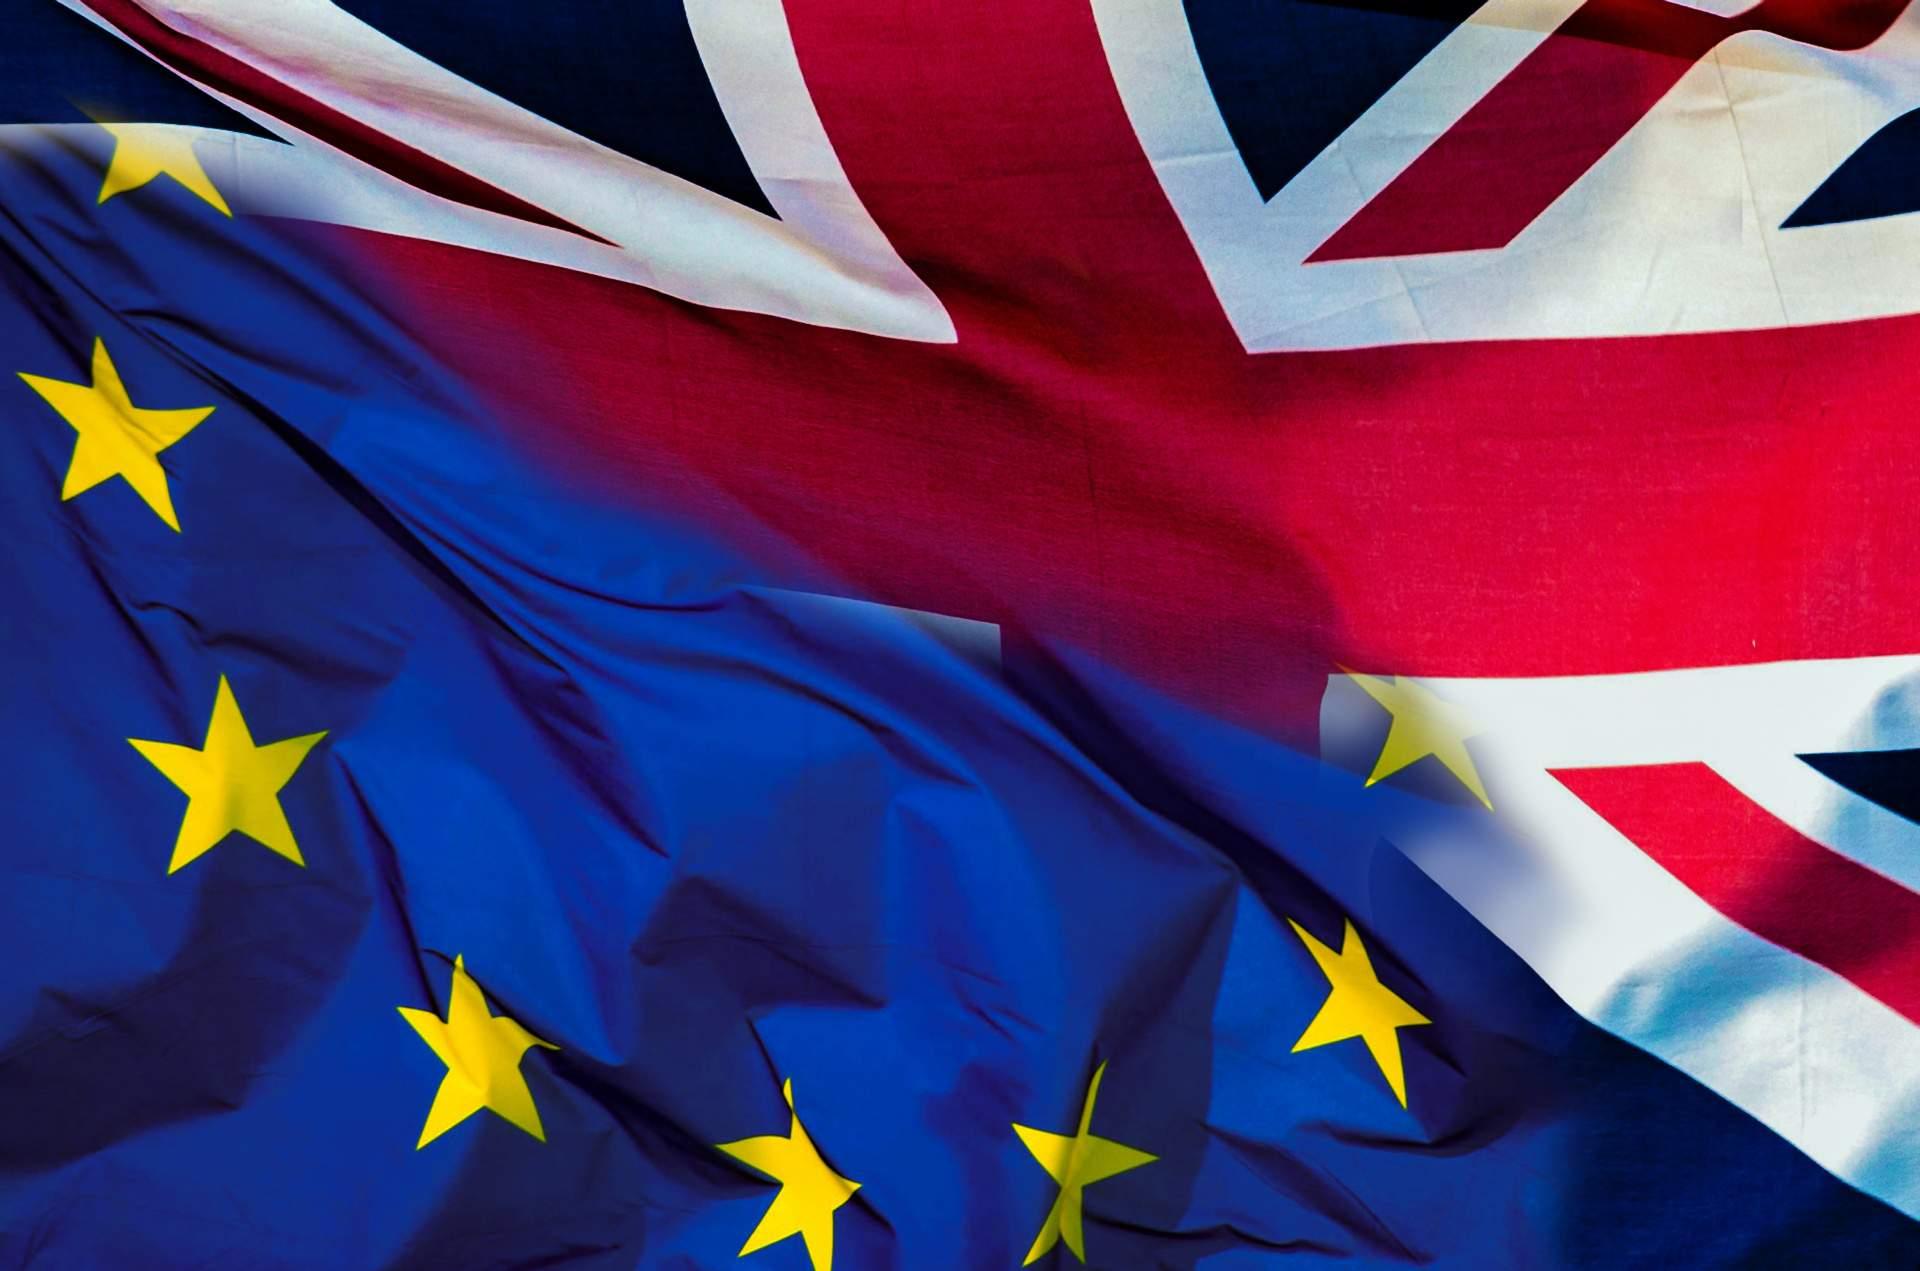 Brexit, suenan alarmas en Reino Unido |